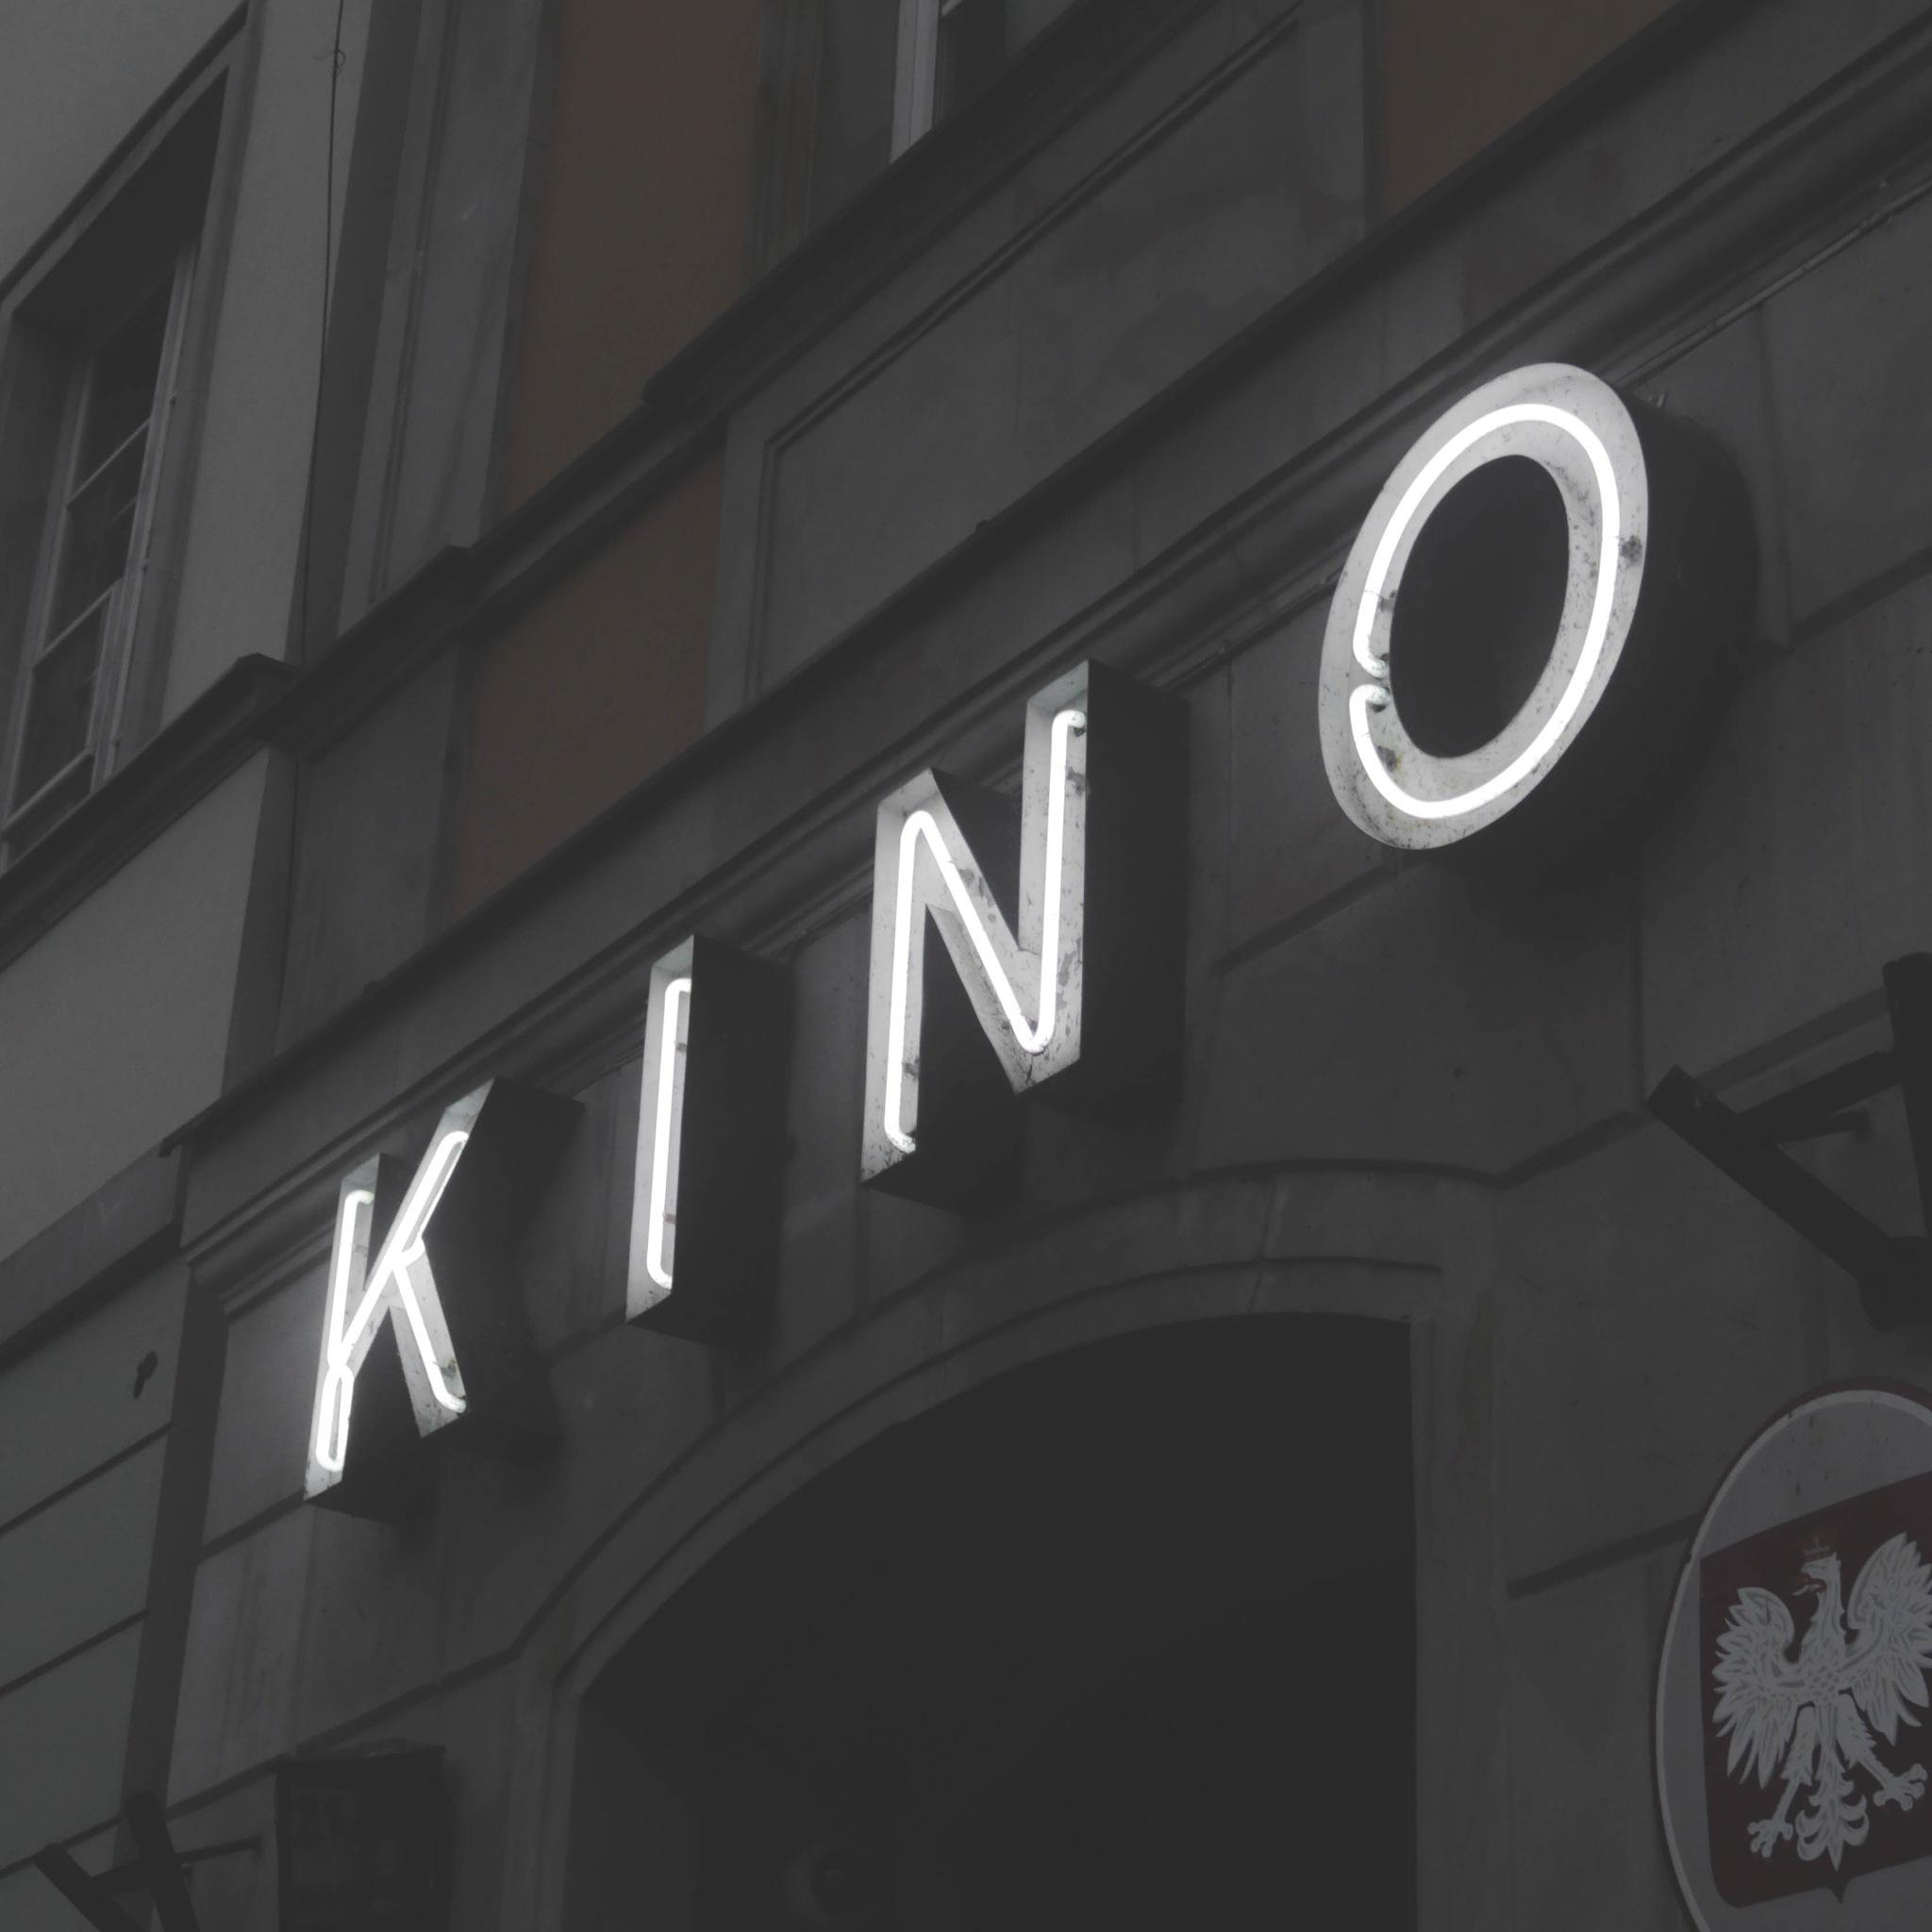 KINO < CINEMA by BTD